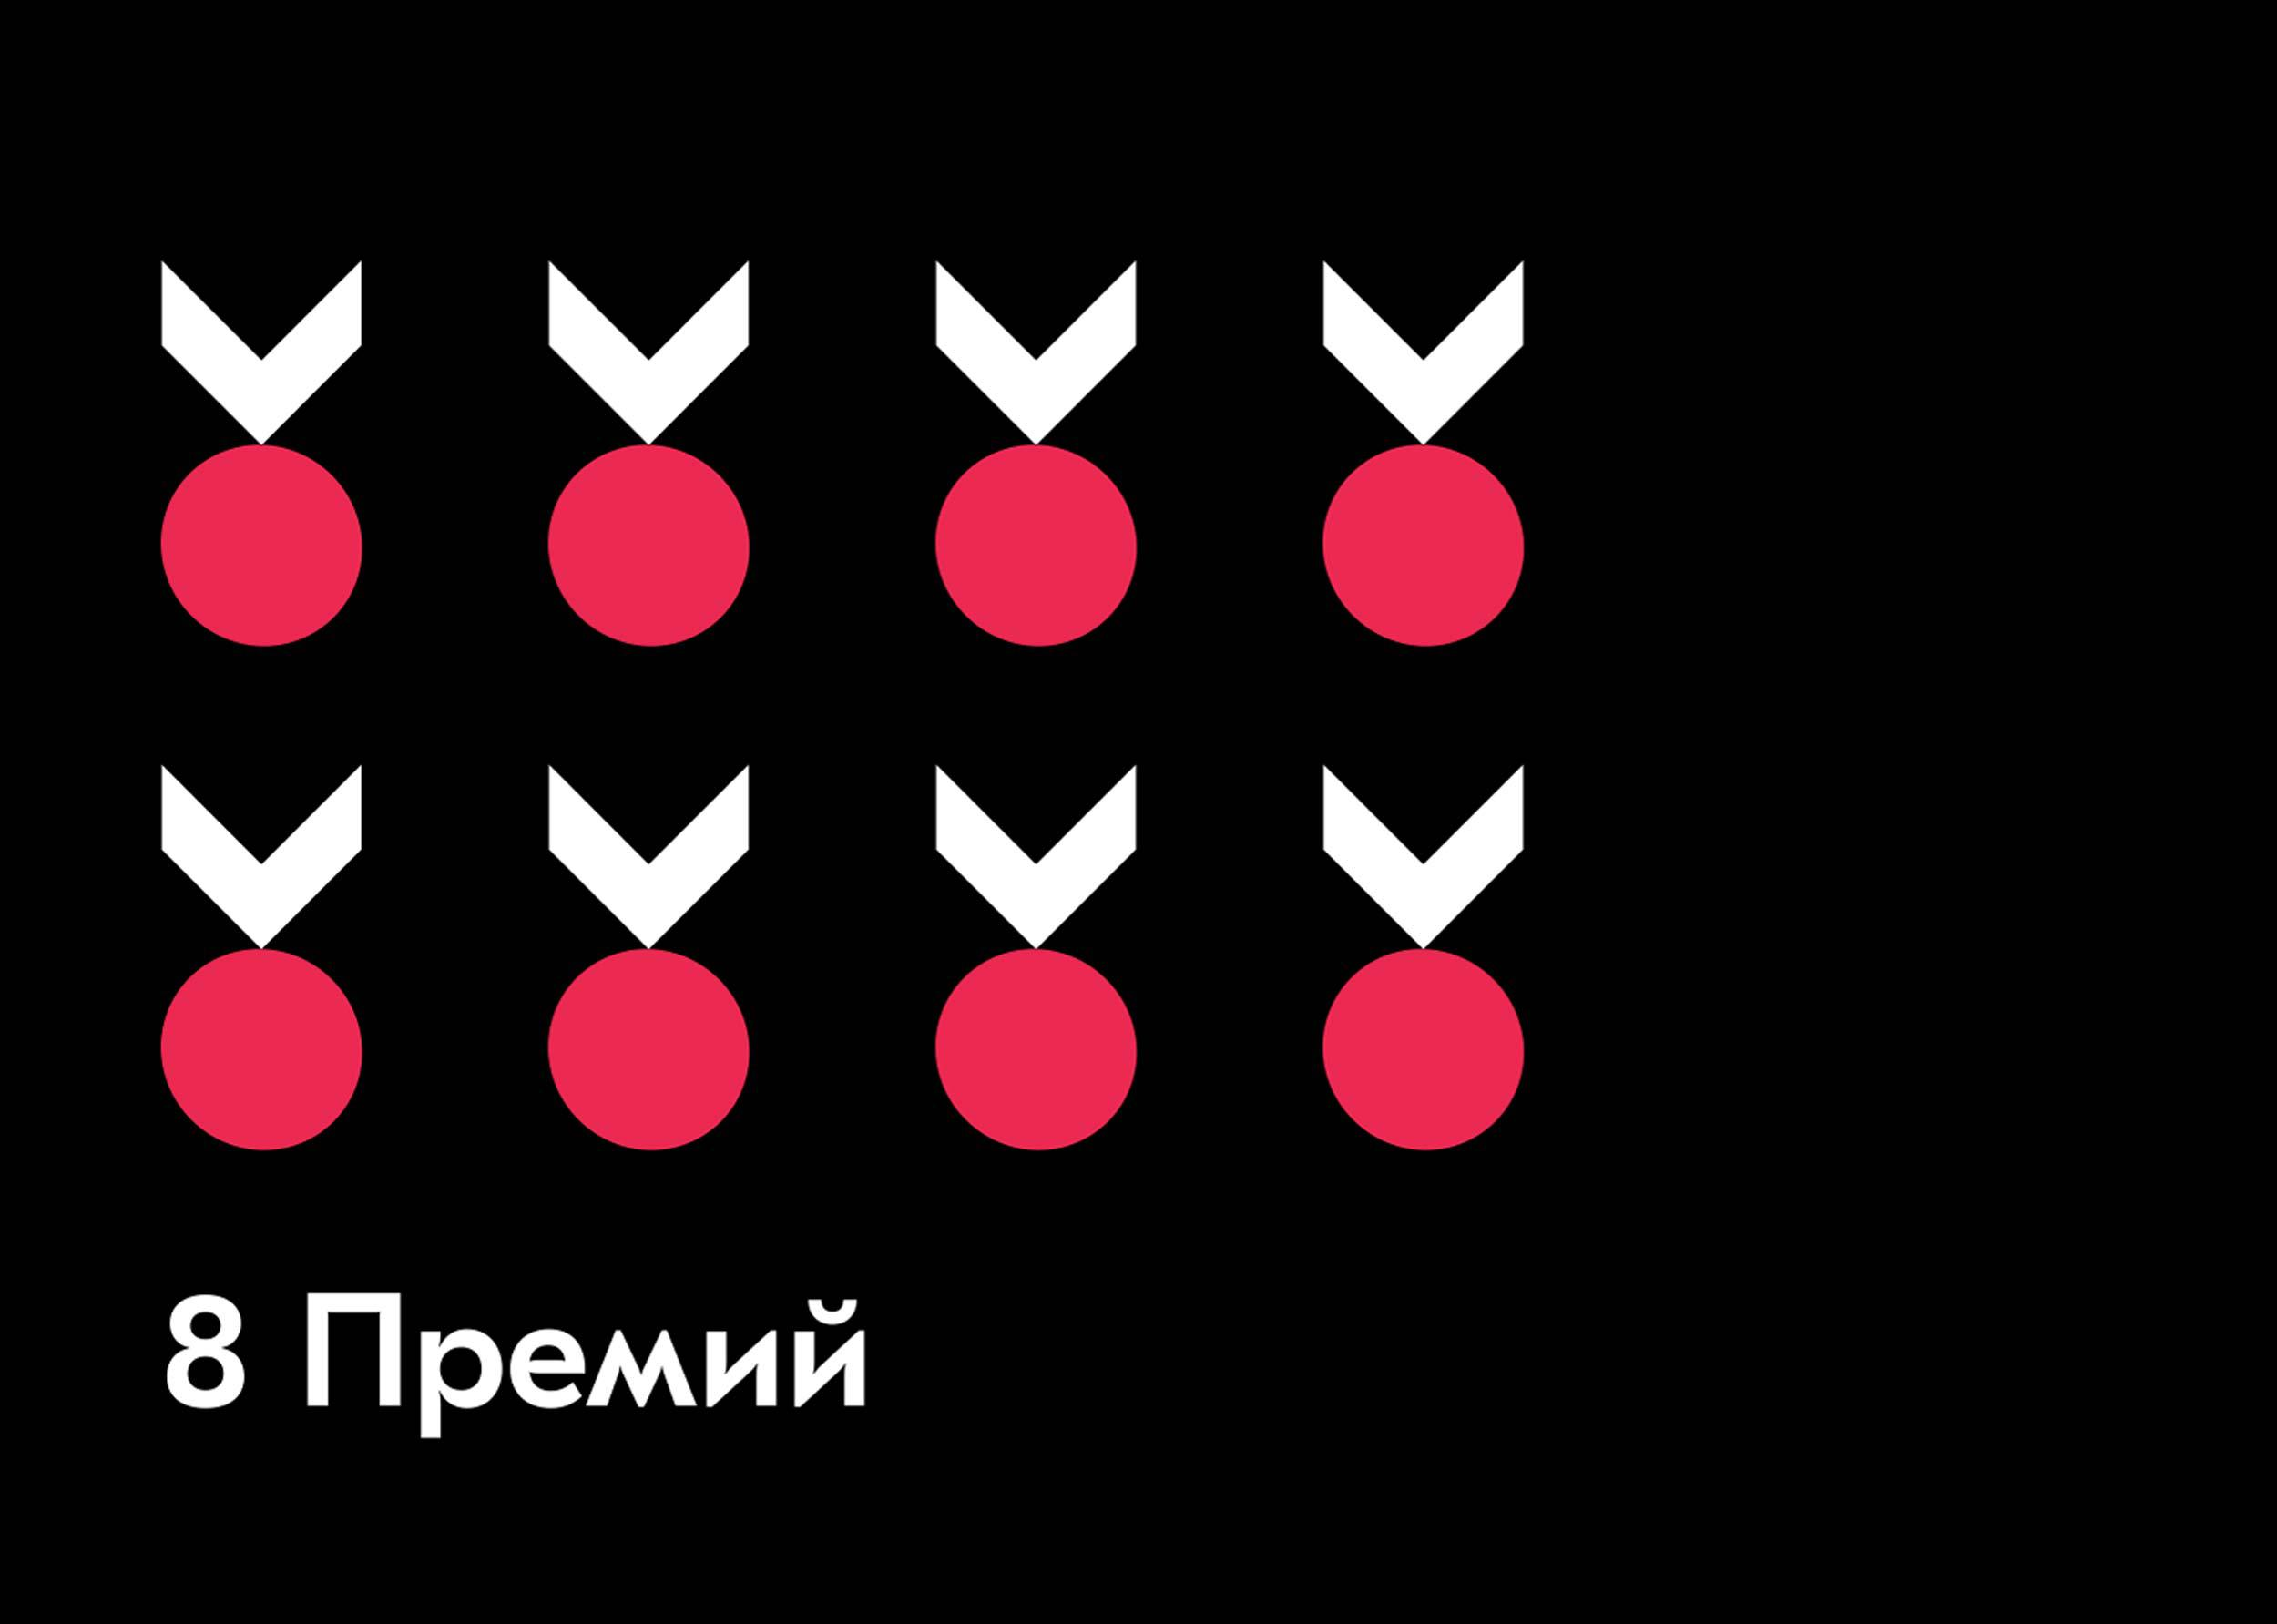 Новость года! Мы получили 8 наград в области бренд-дизайна